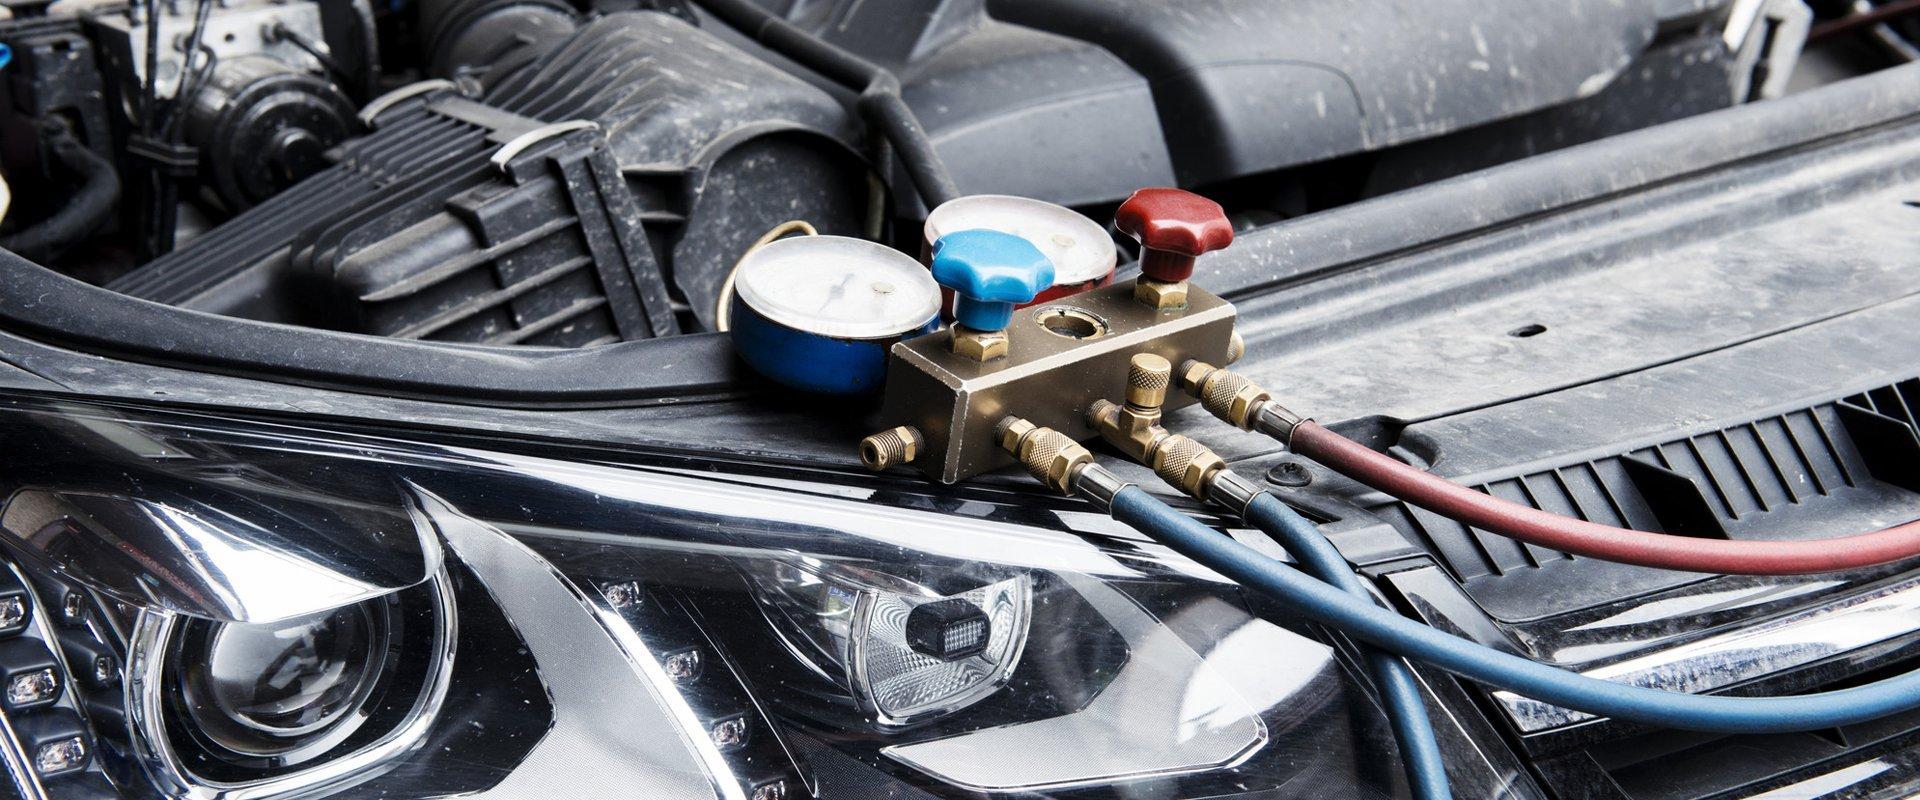 Car AC repair in Harrogate